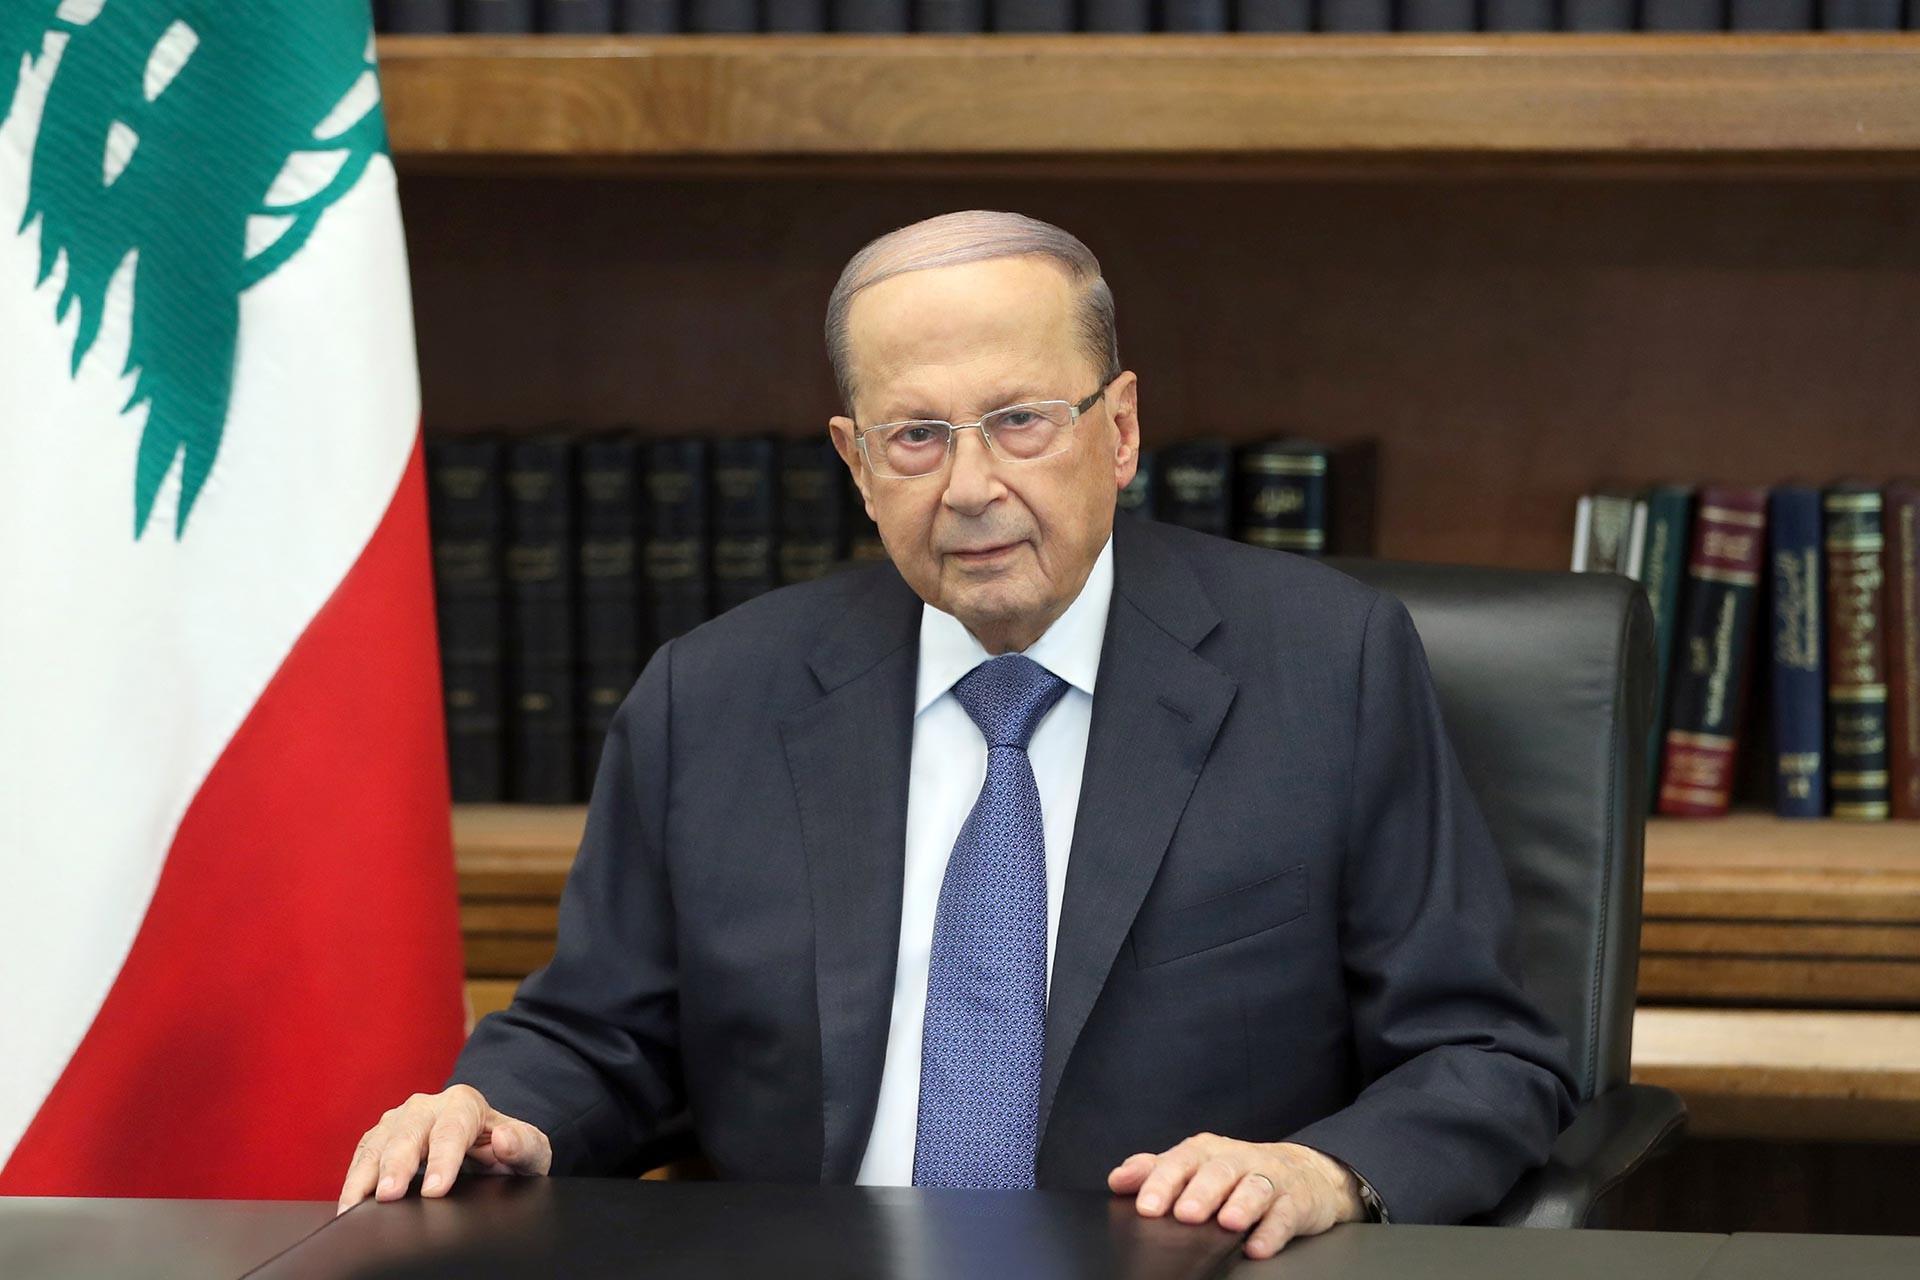 Lübnan'da yeni hükümet arayışları başladı: Teknokrat hükümet tartışılıyor